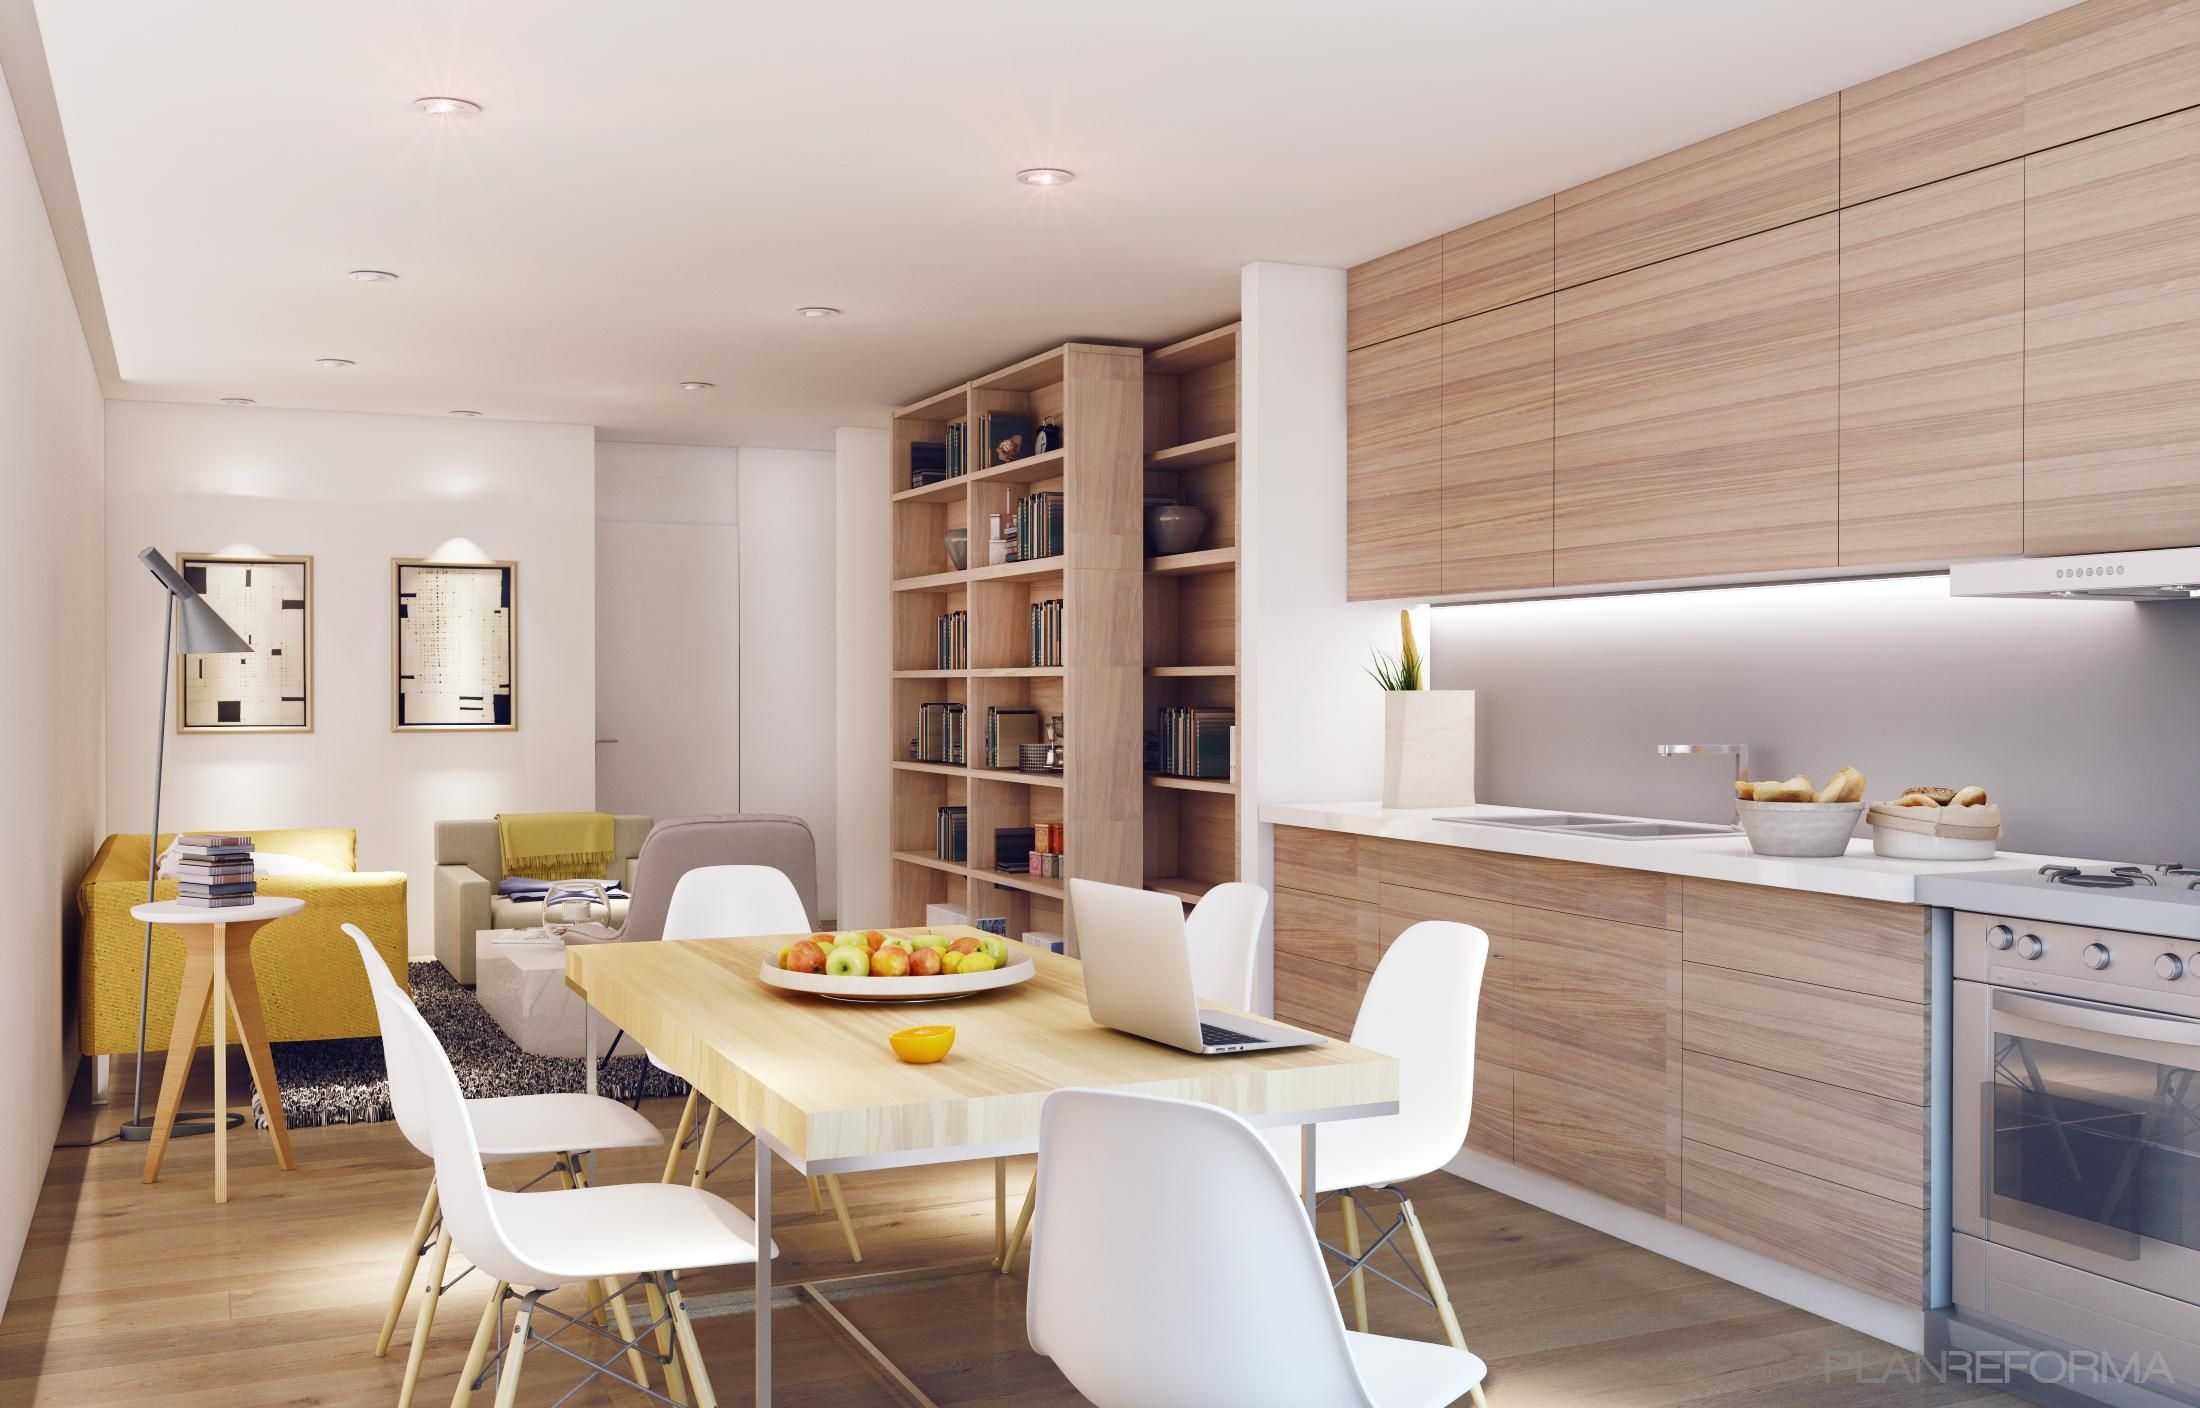 Comedor cocina salon estilo moderno color amarillo for Cocinas estilo moderno